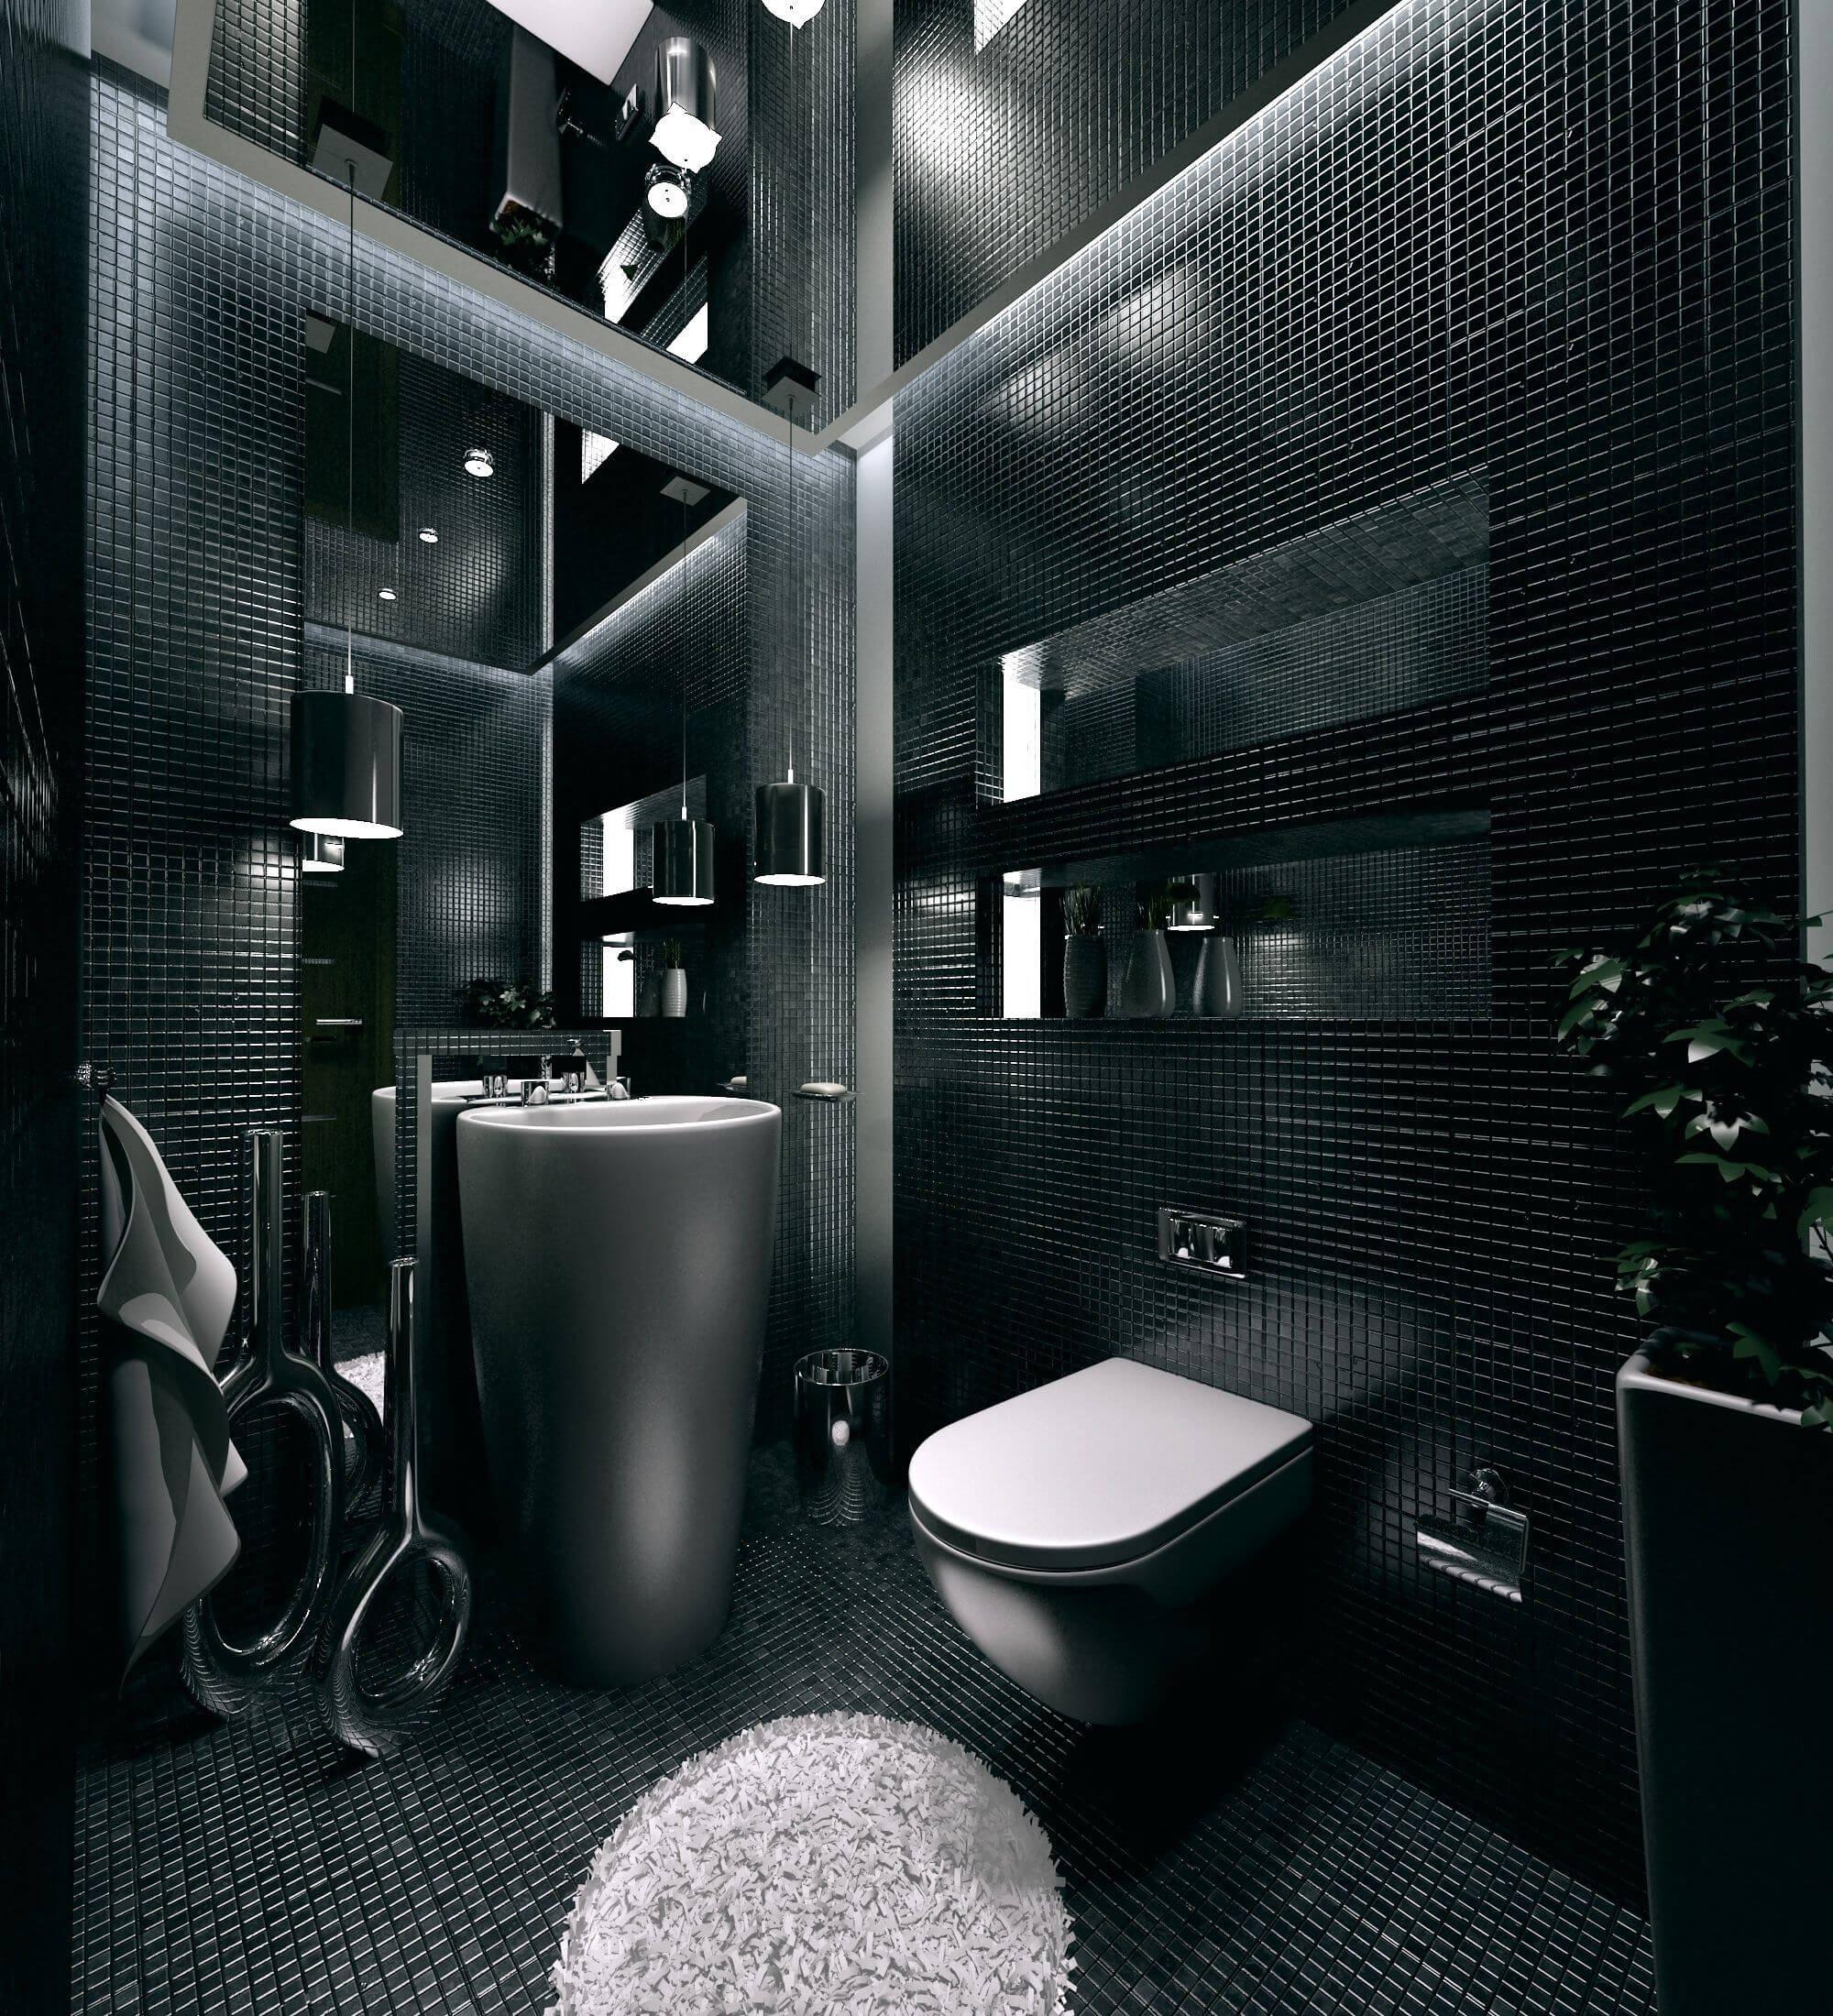 Дизайн ванной комнаты в черно-белых тонах: 14 фото